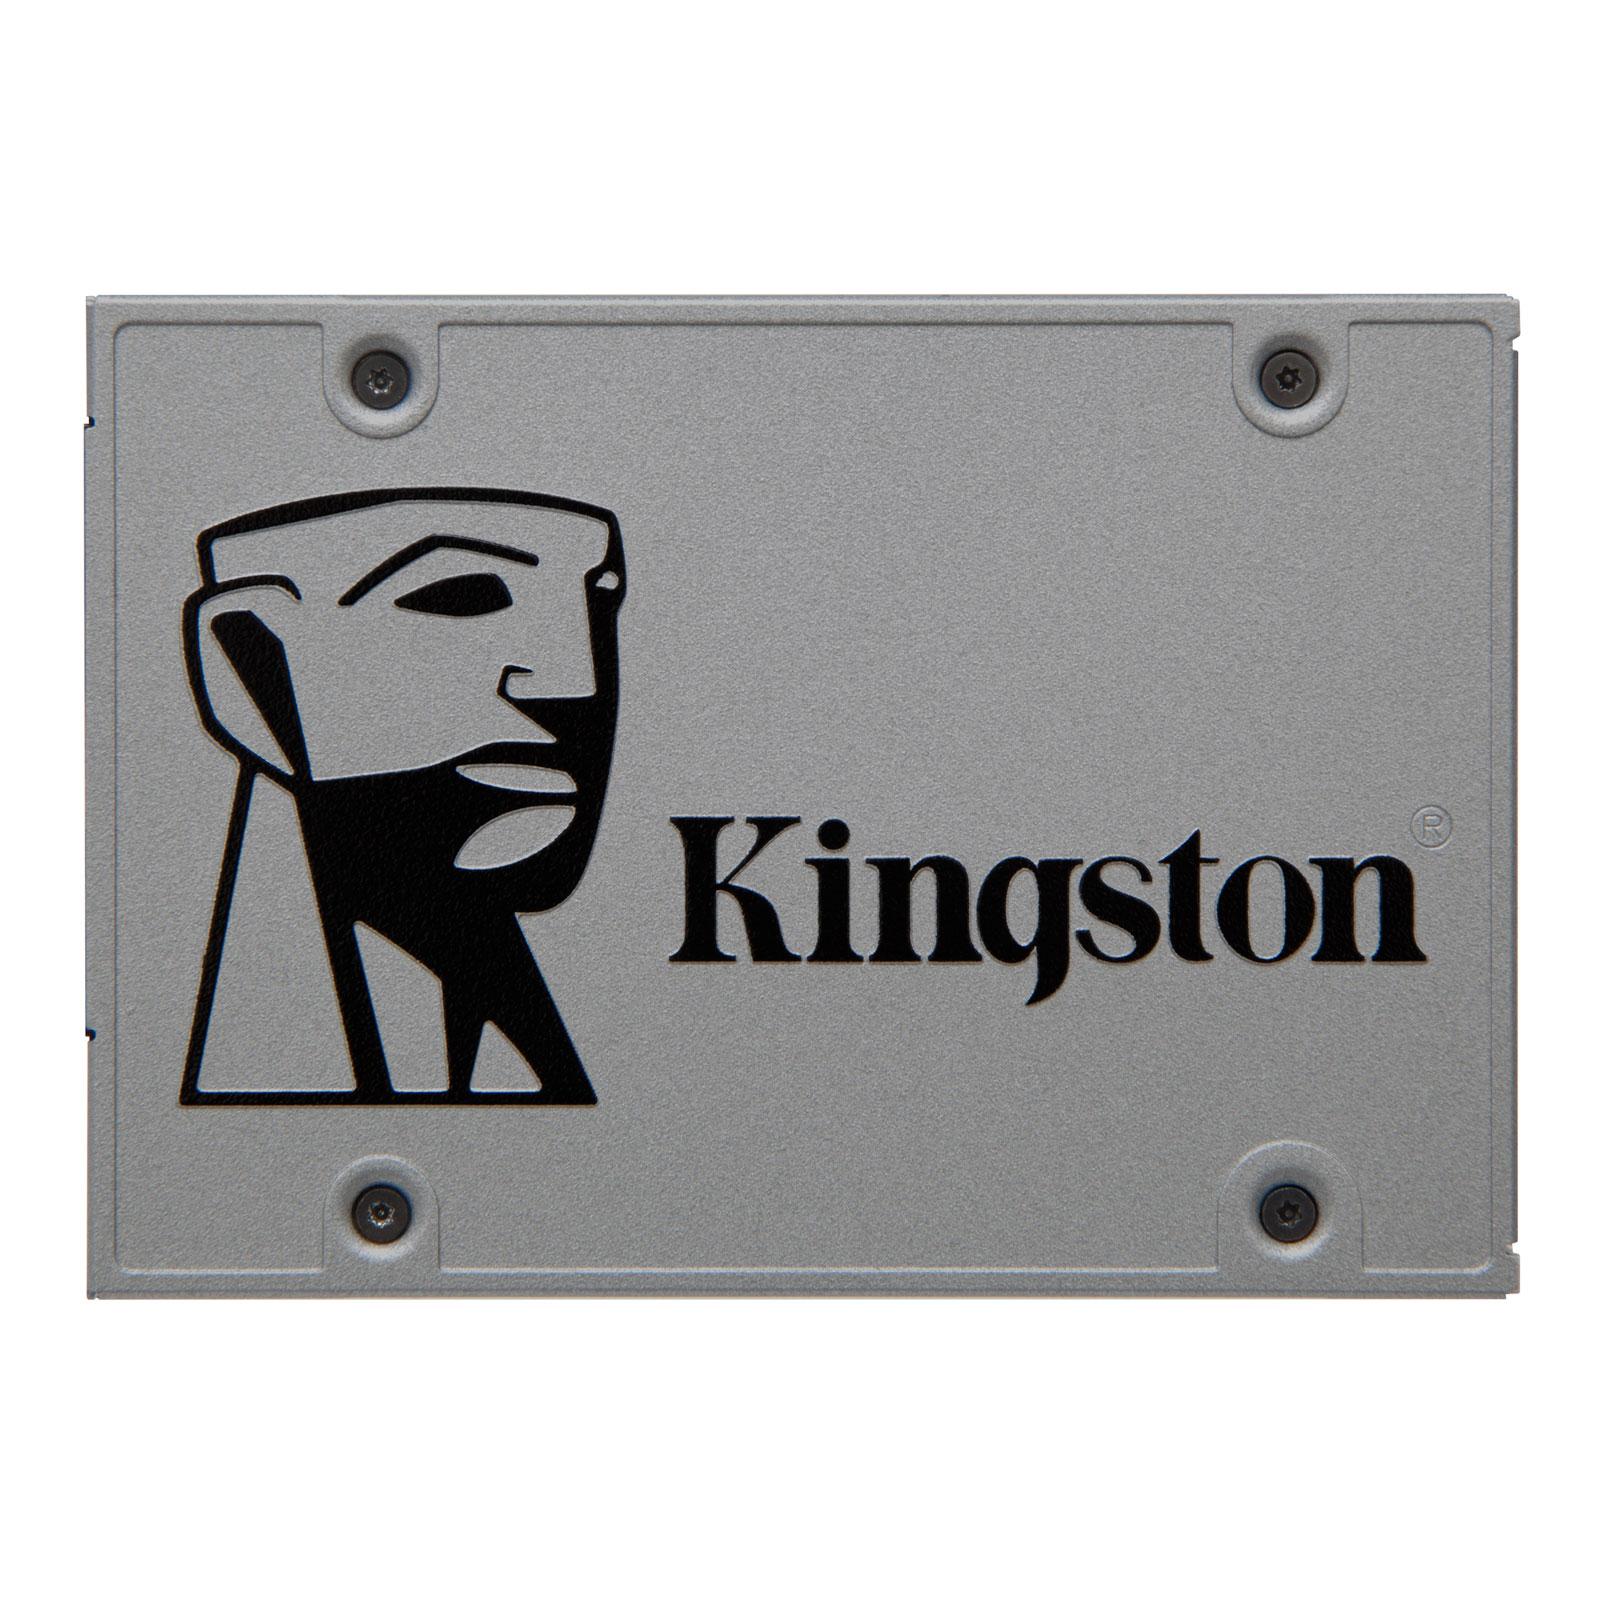 Kingston UV500 240-275Go - Disque SSD Kingston - Cybertek.fr - 2